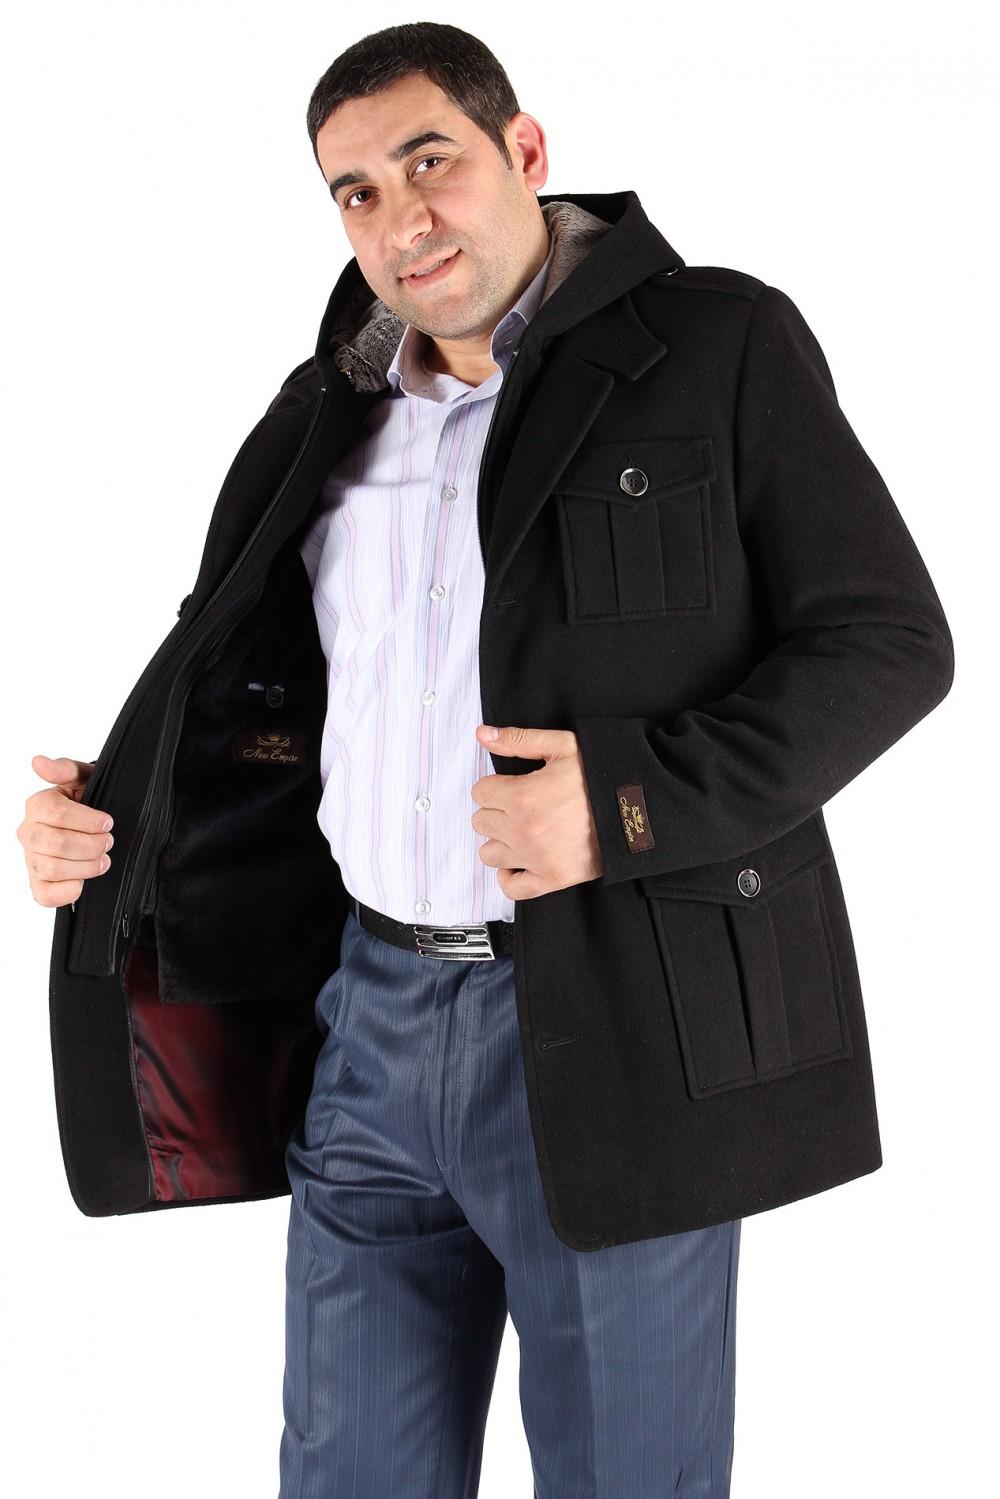 Купить оптом Полупальто мужское черного цвета Кс-03Ch в Ростове-на-Дону